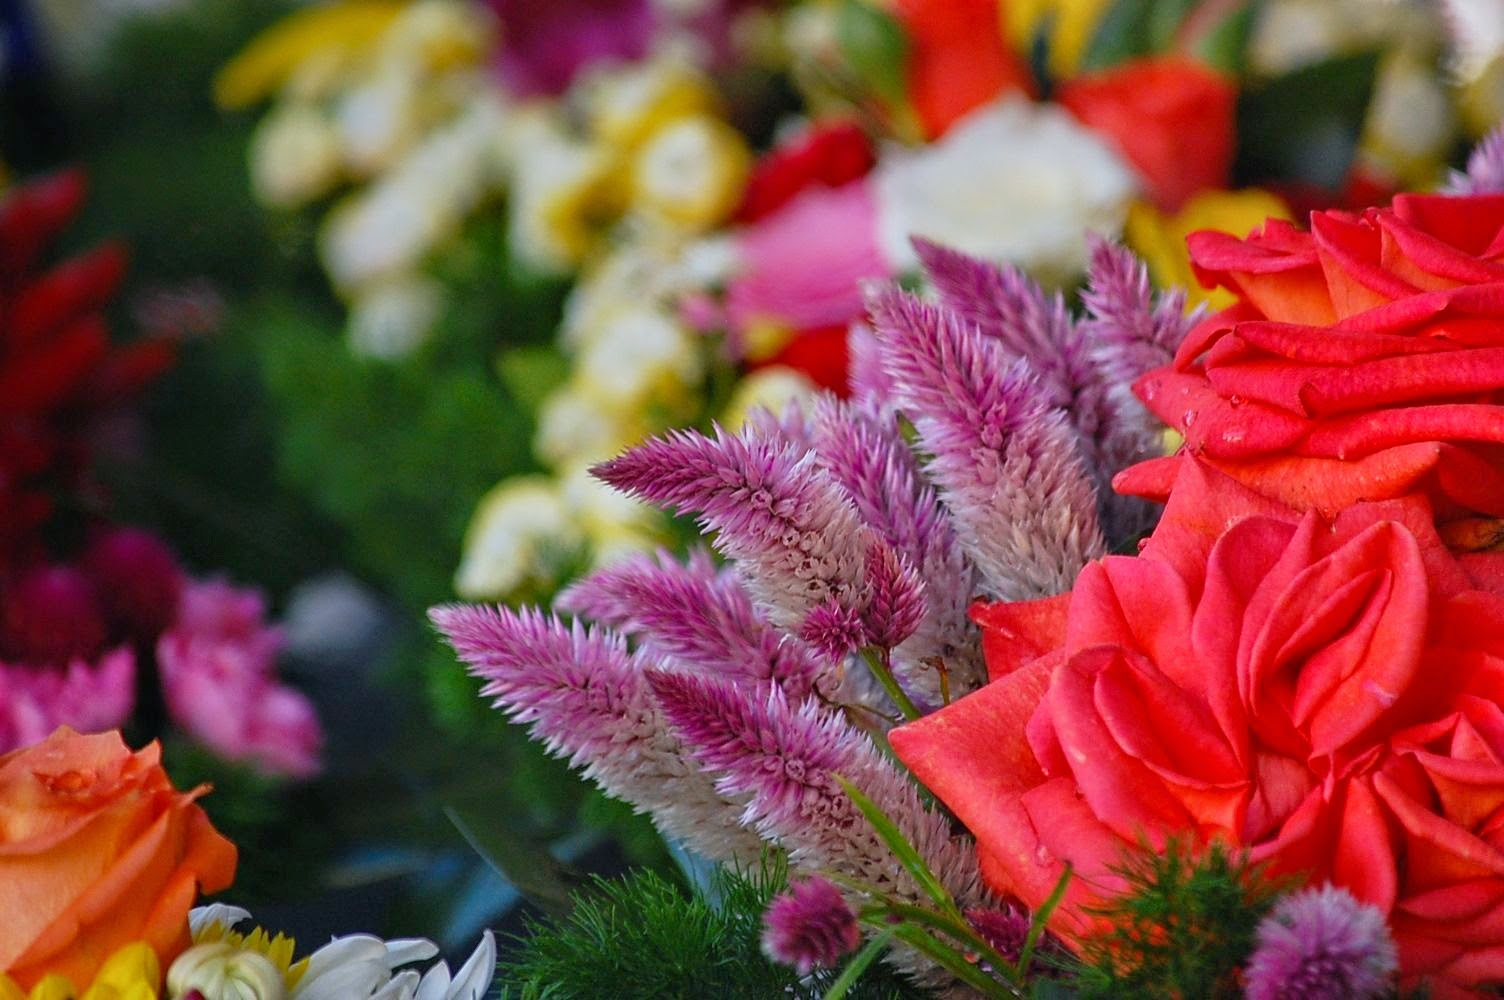 flowers campo di fiori rome italy